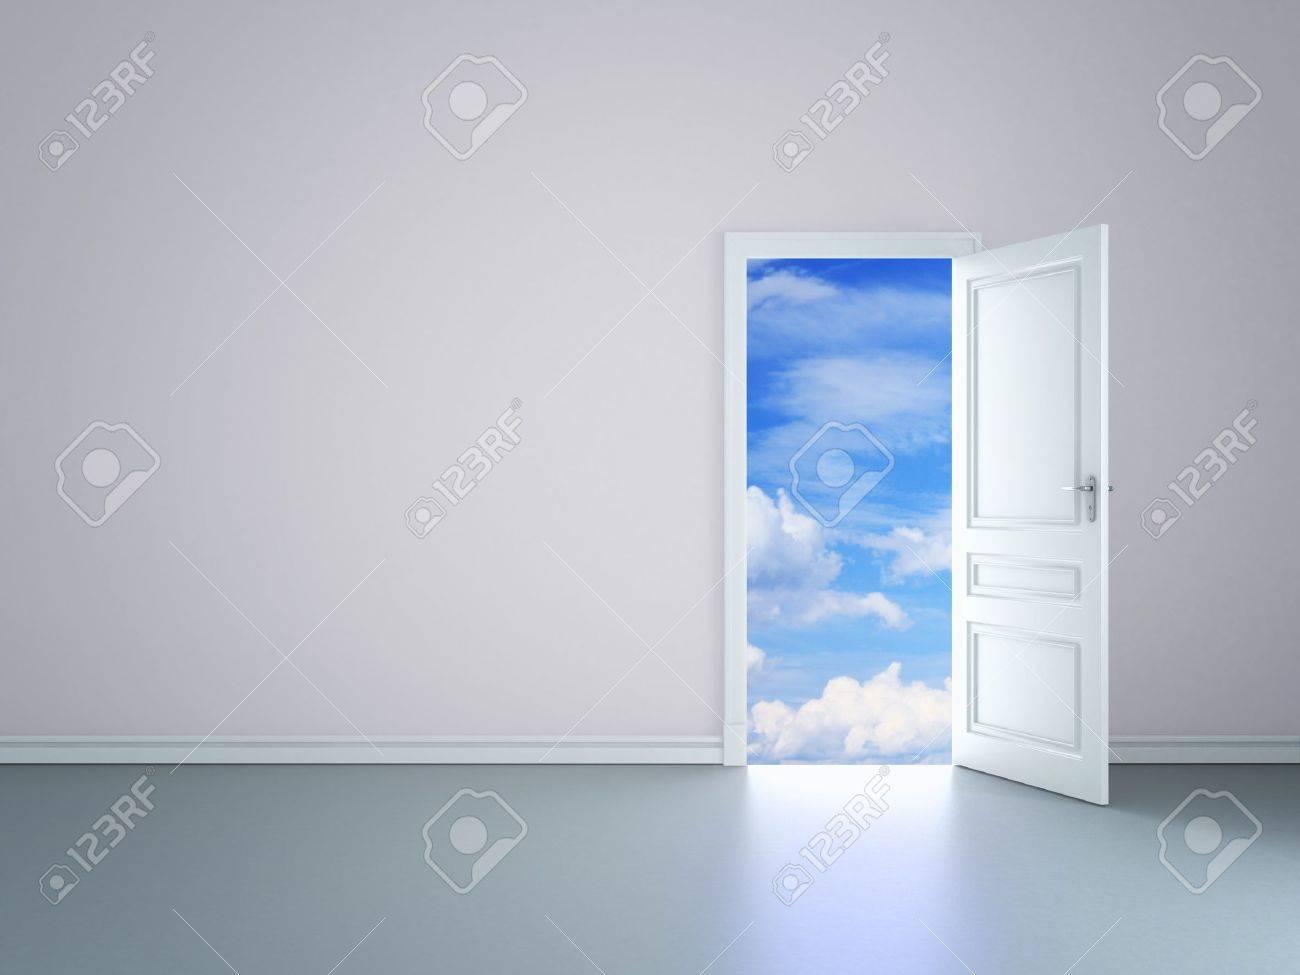 room with an open door in sky Stock Photo - 14206174